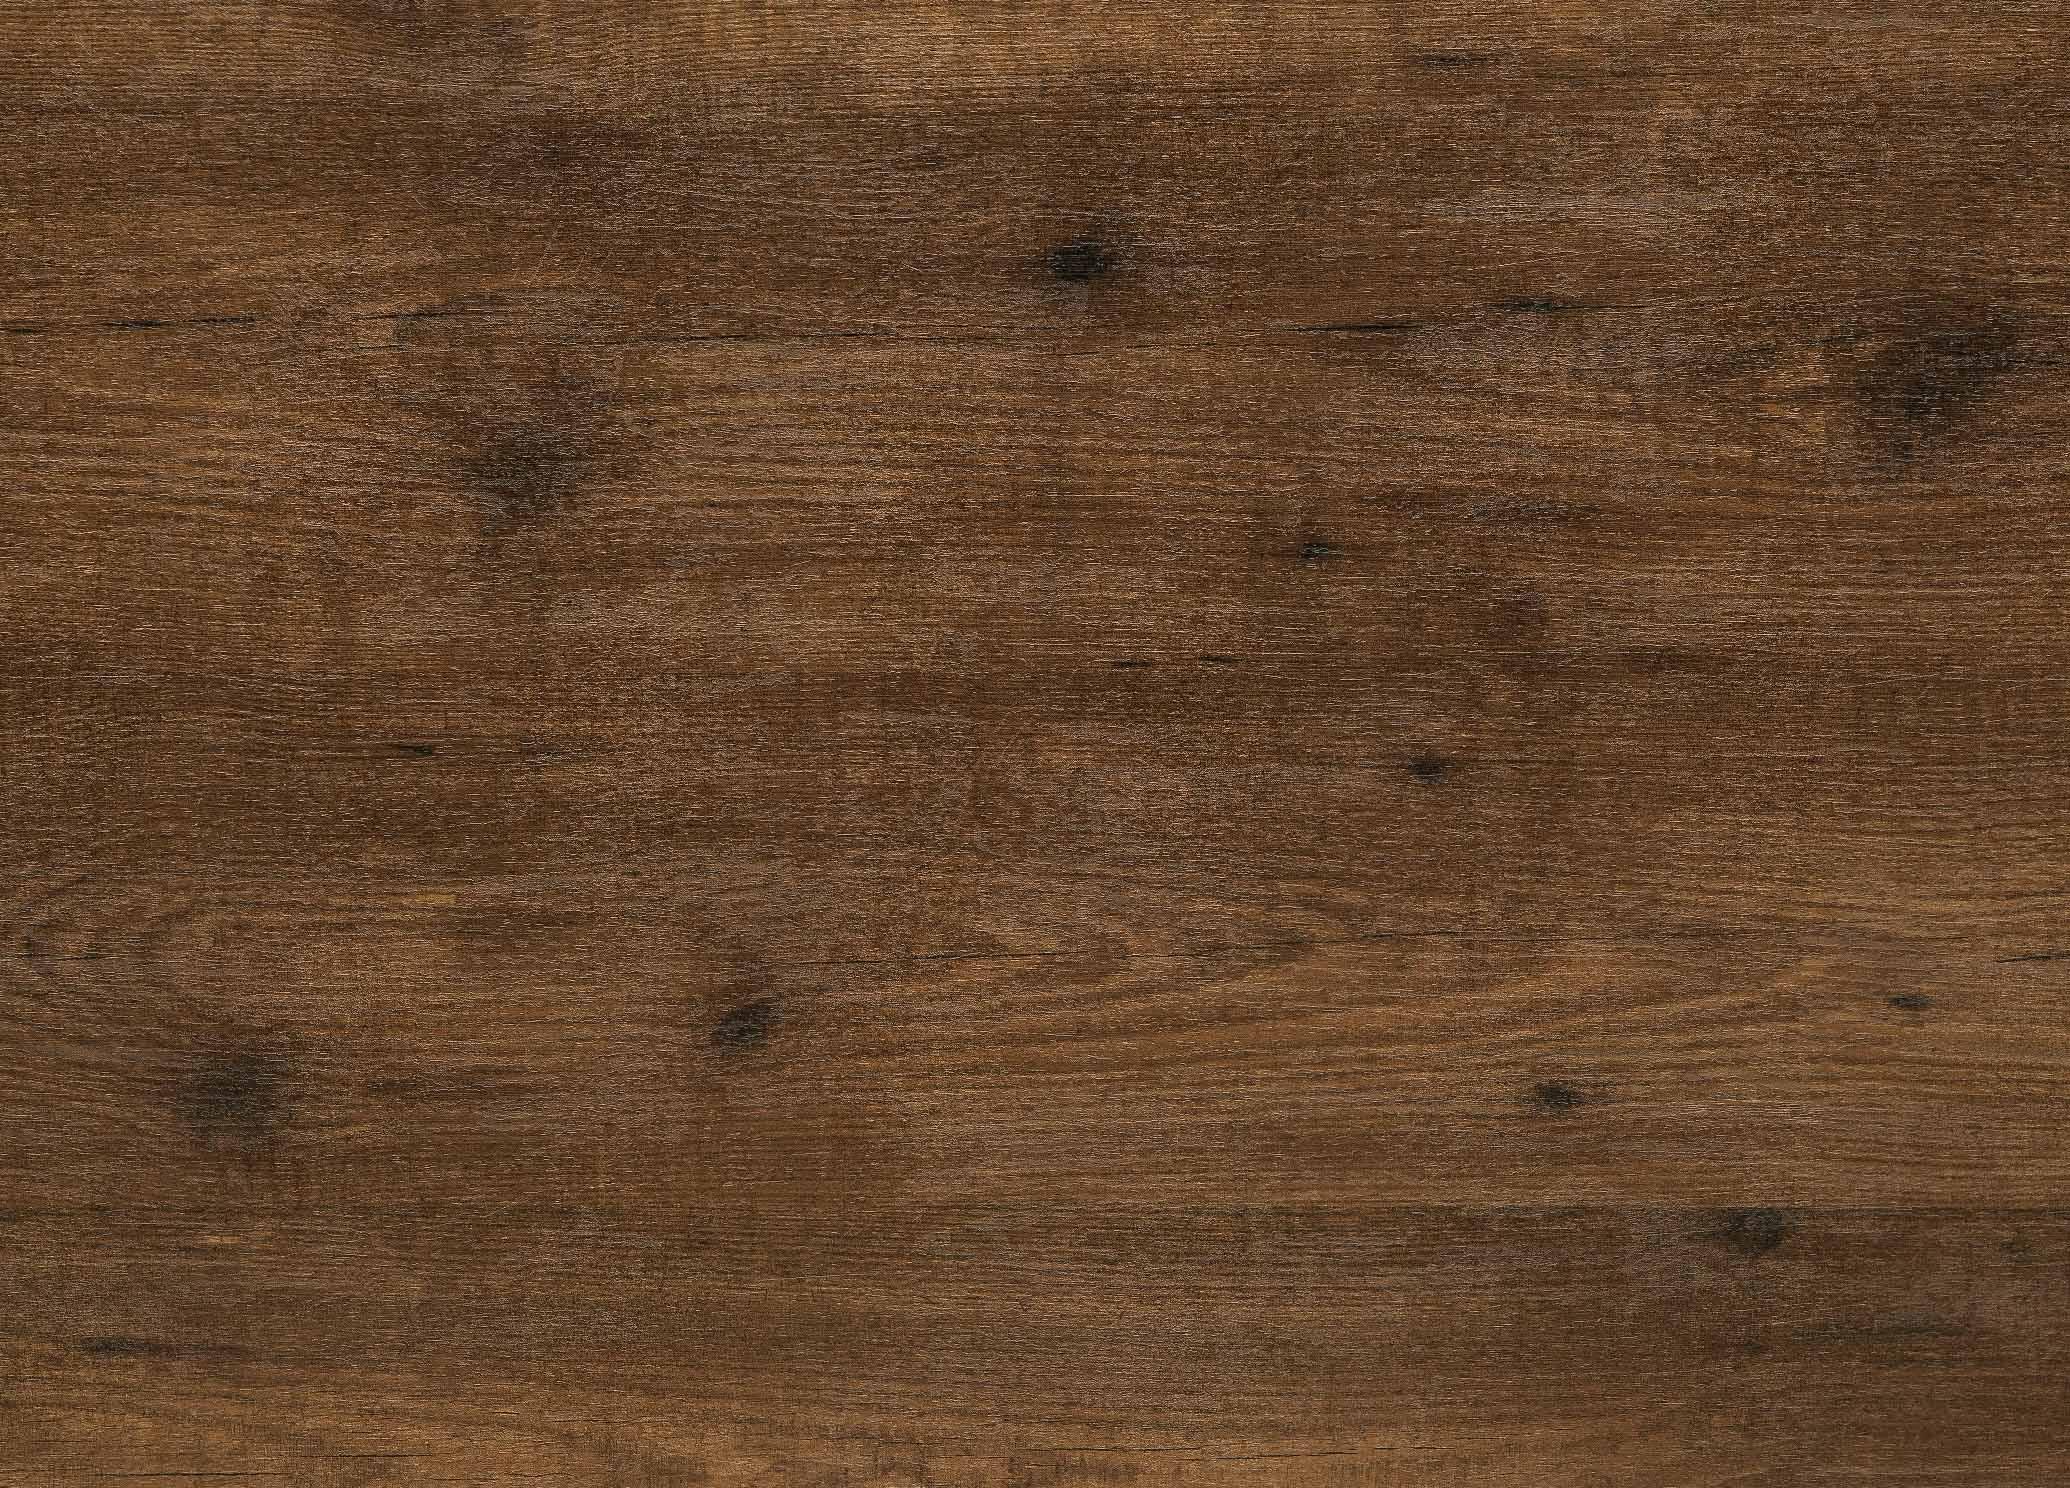 Мебельный щит № 95Р Орех пекан 6 мм